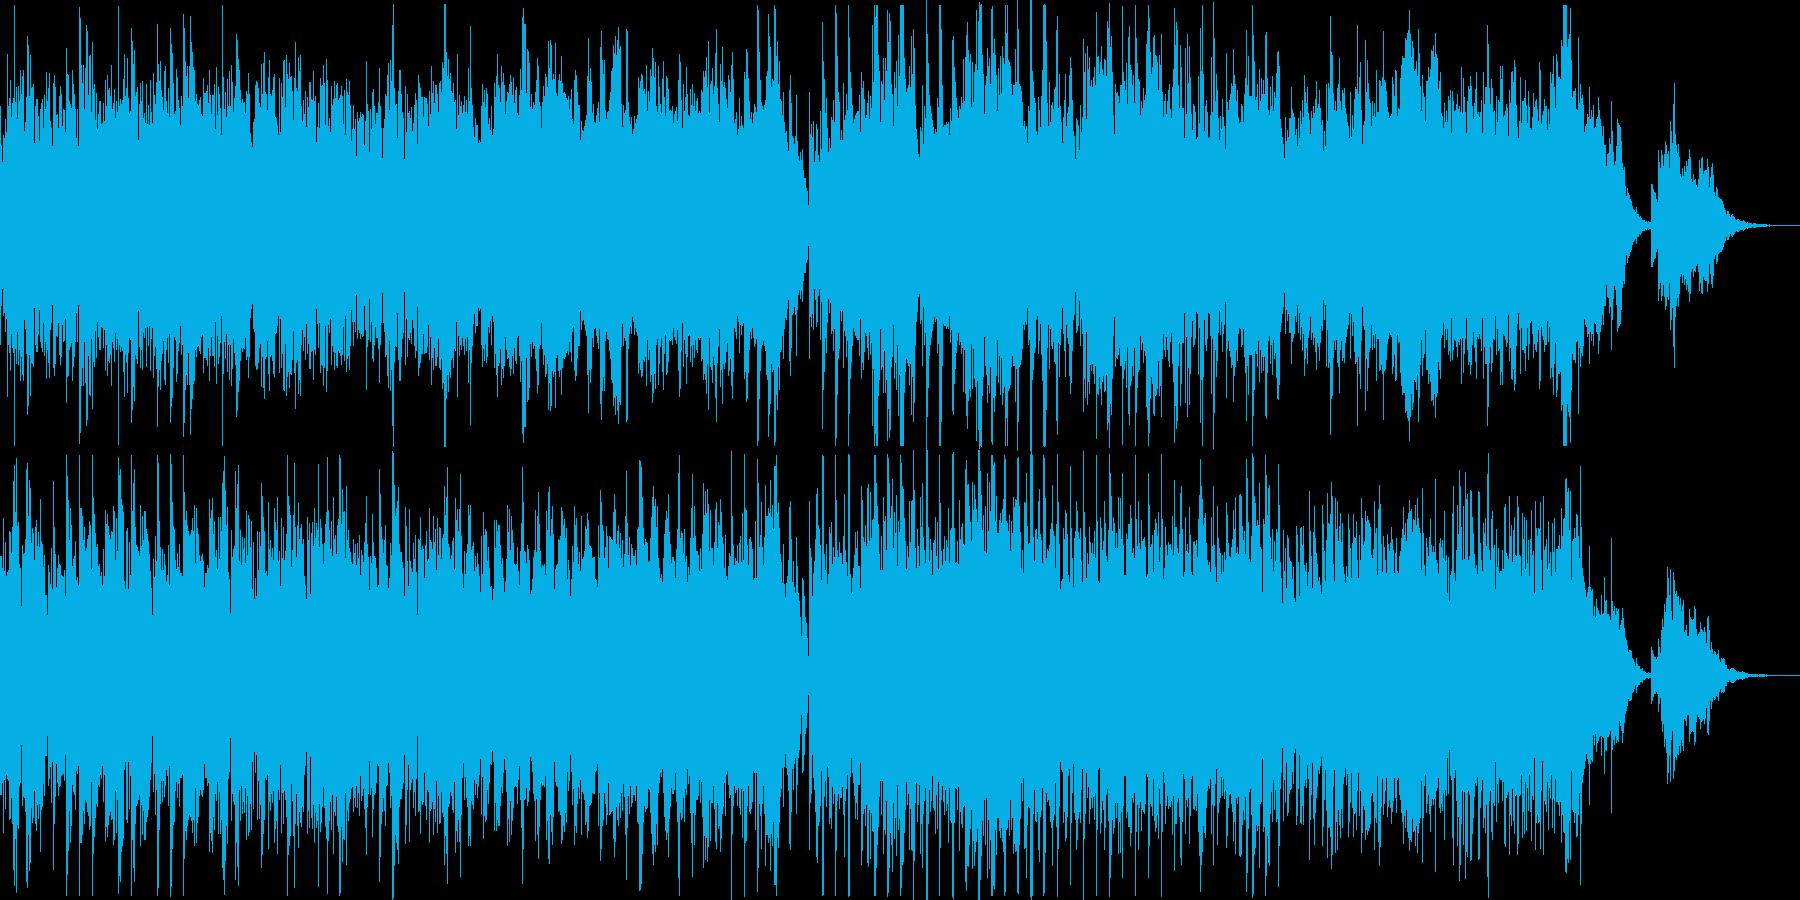 ピアノの音色が美しい感動的なメロディーの再生済みの波形